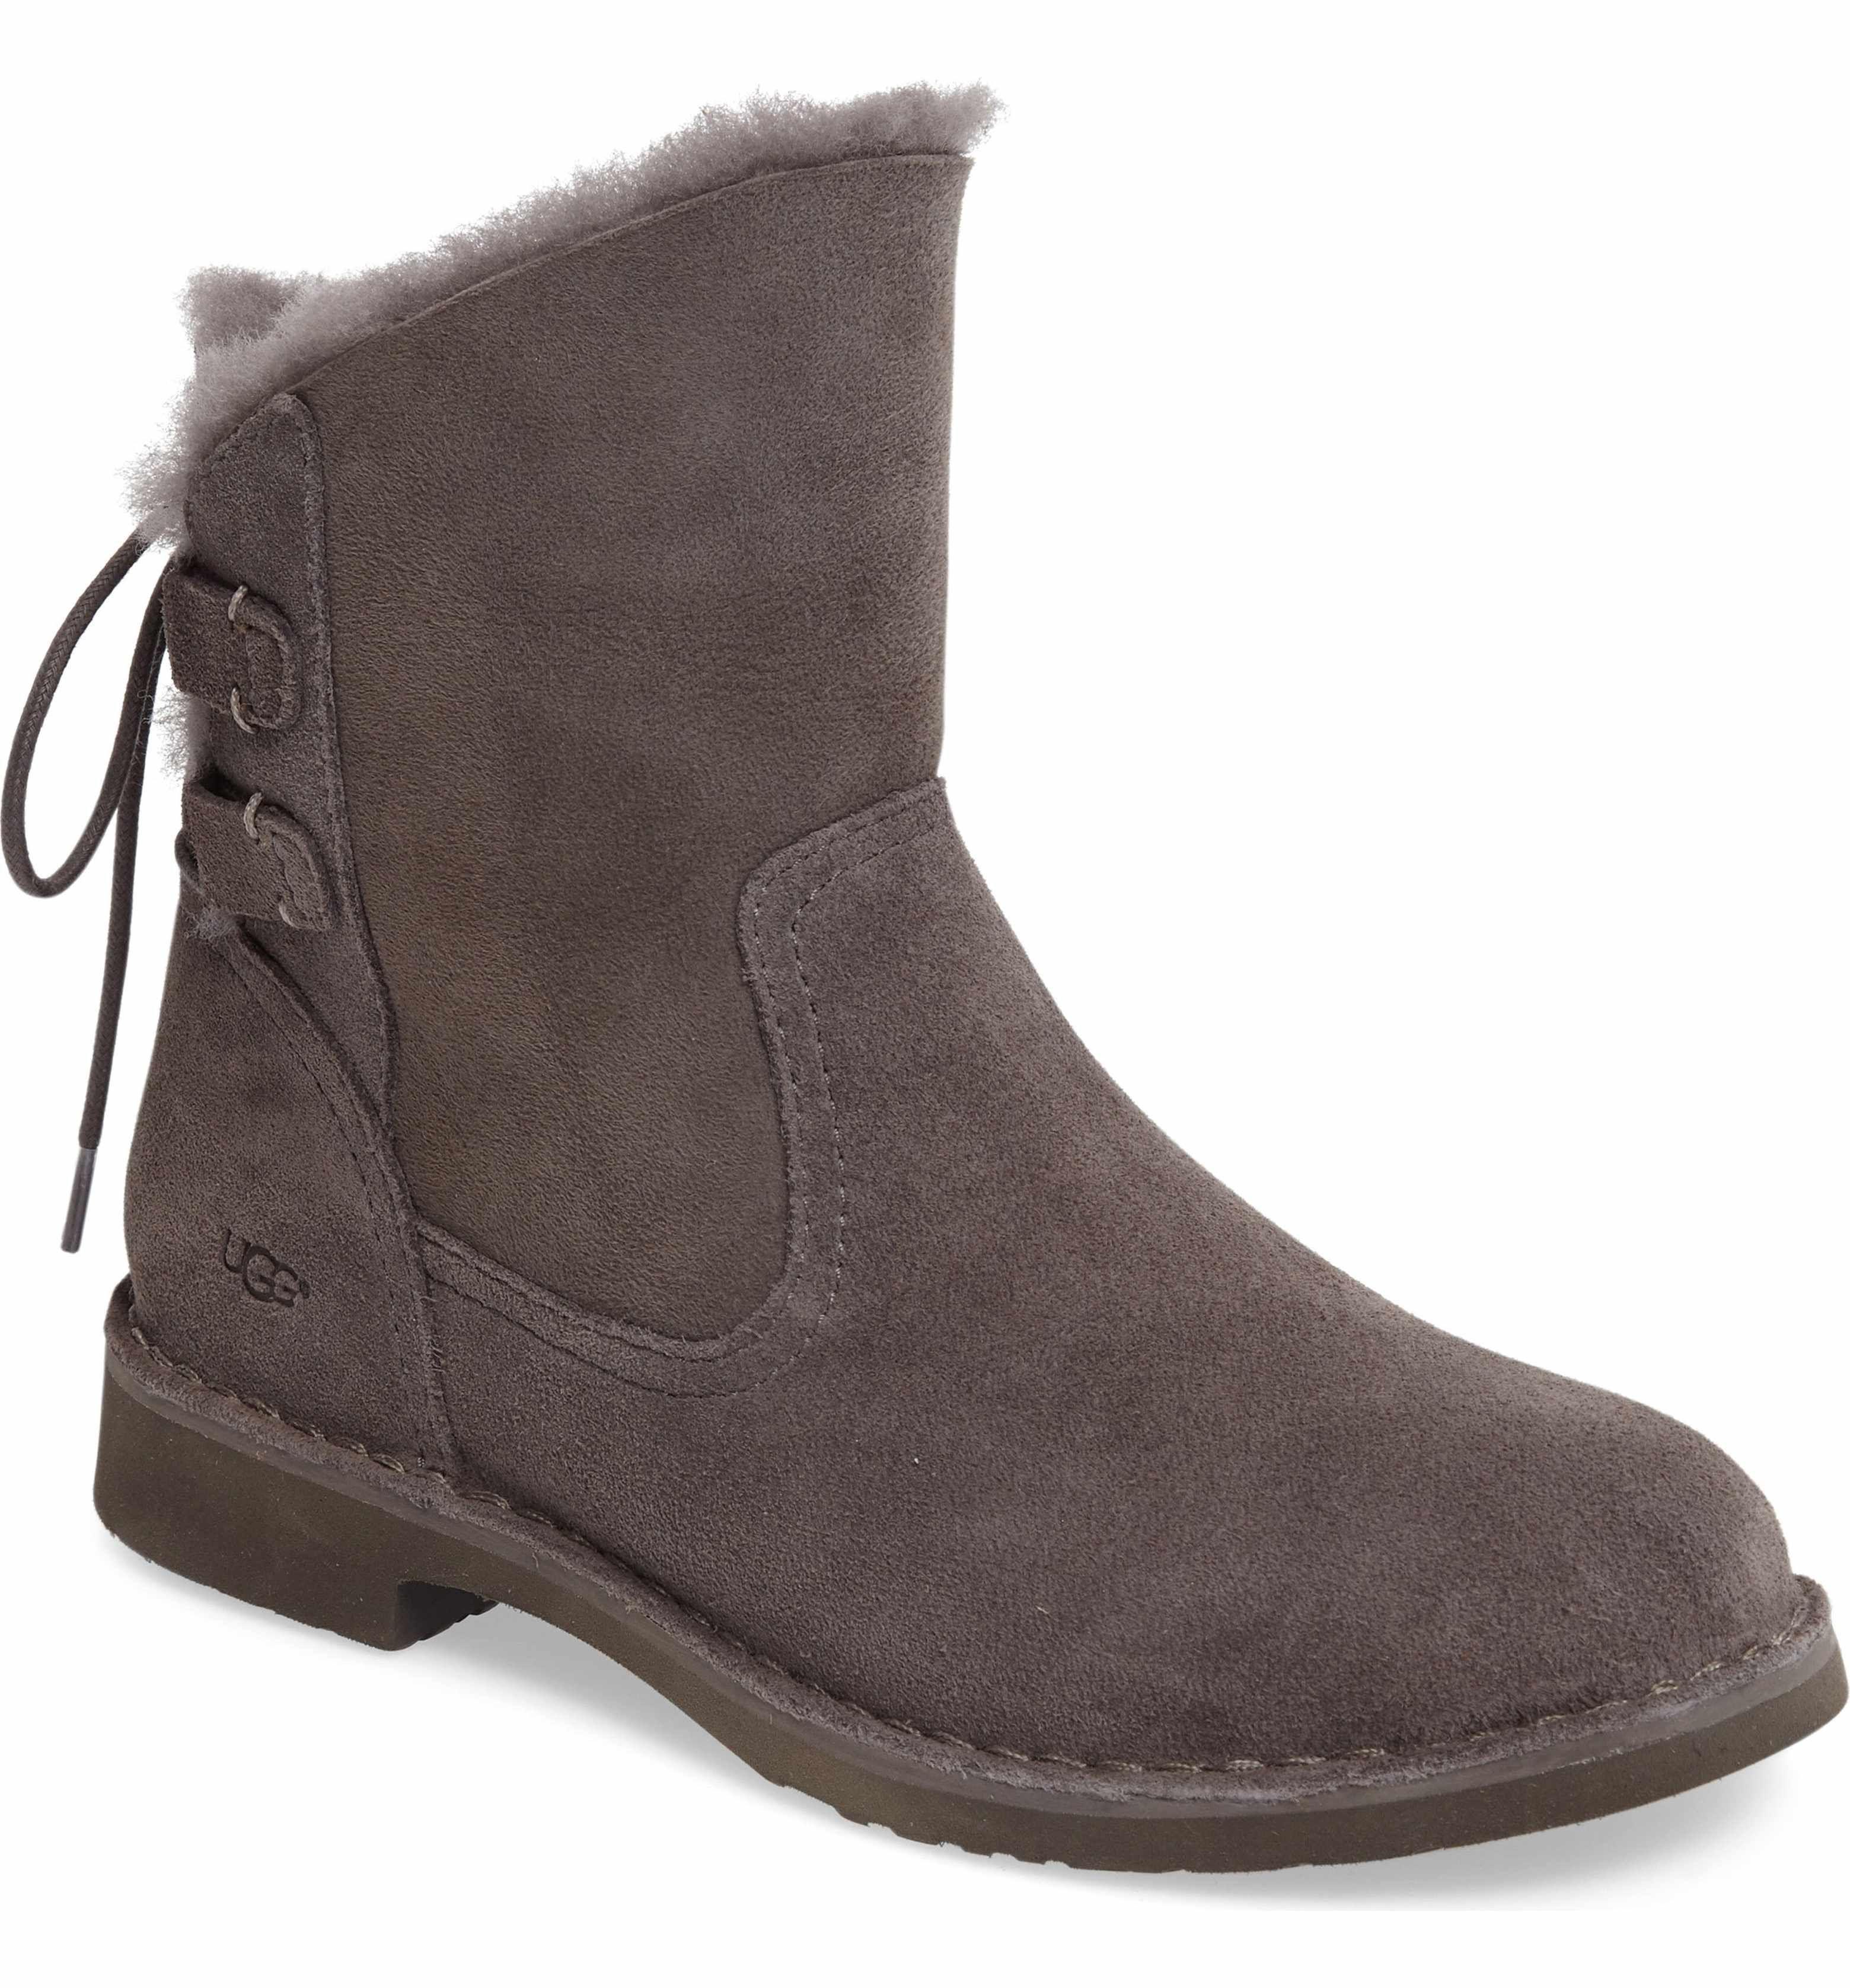 70339c80799 Main Image - UGG® Naiyah Lace-Back Genuine Shearling Boot (Women ...